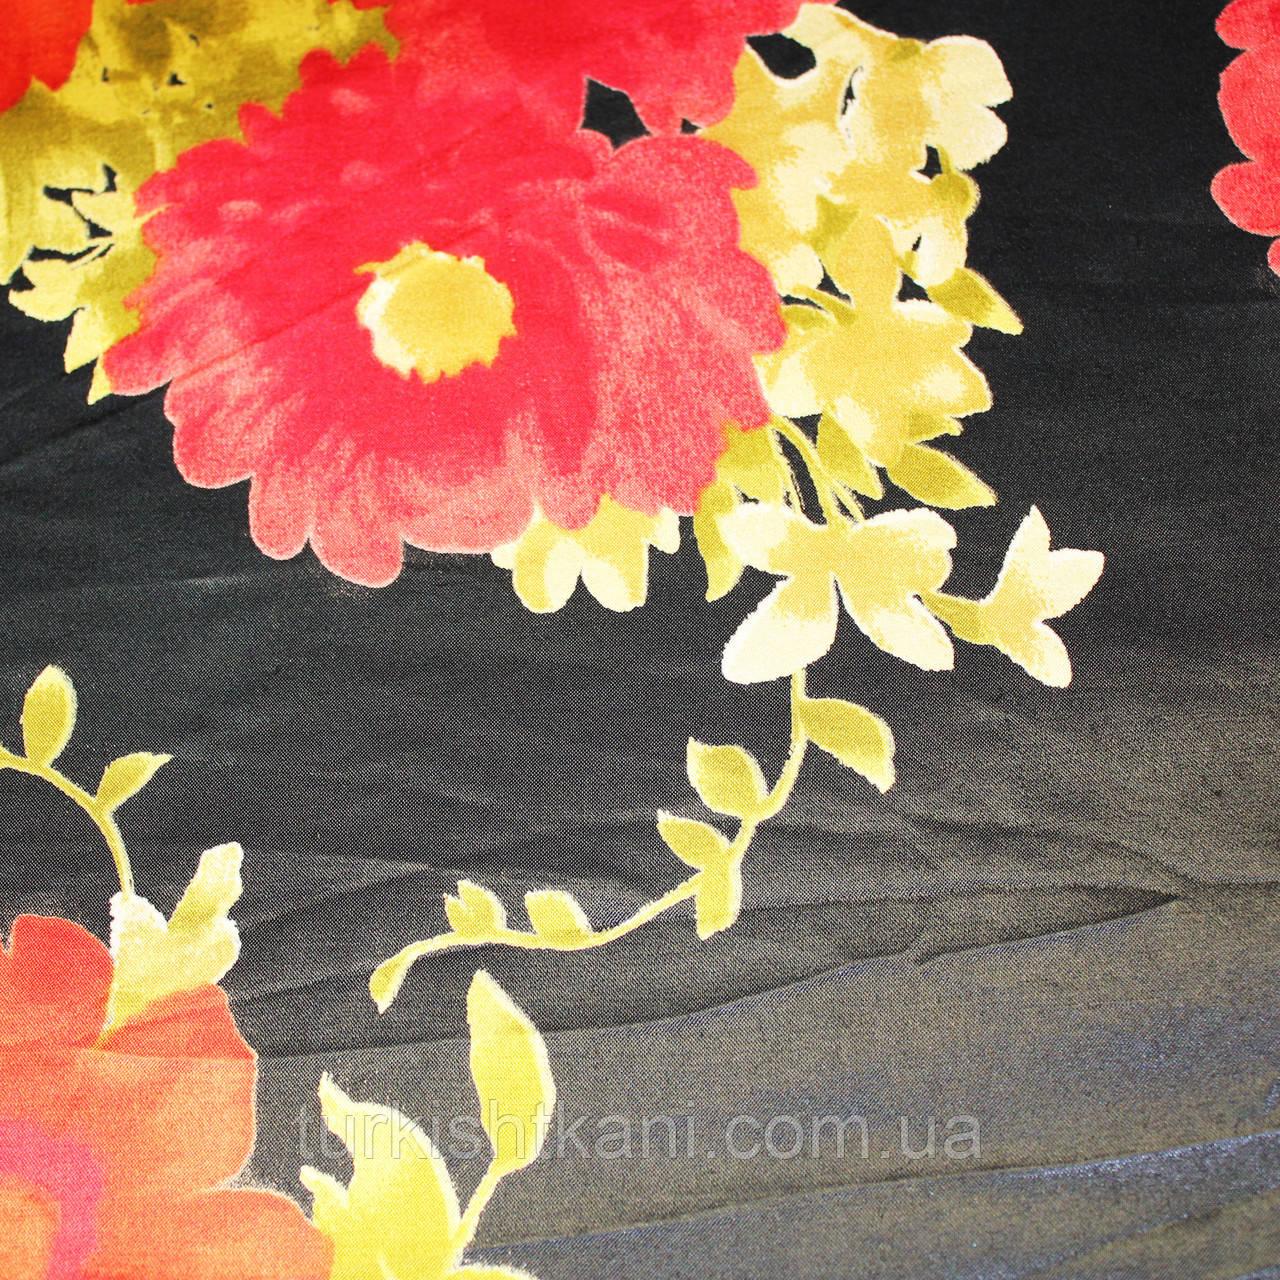 Ткань  Атлас Цветной